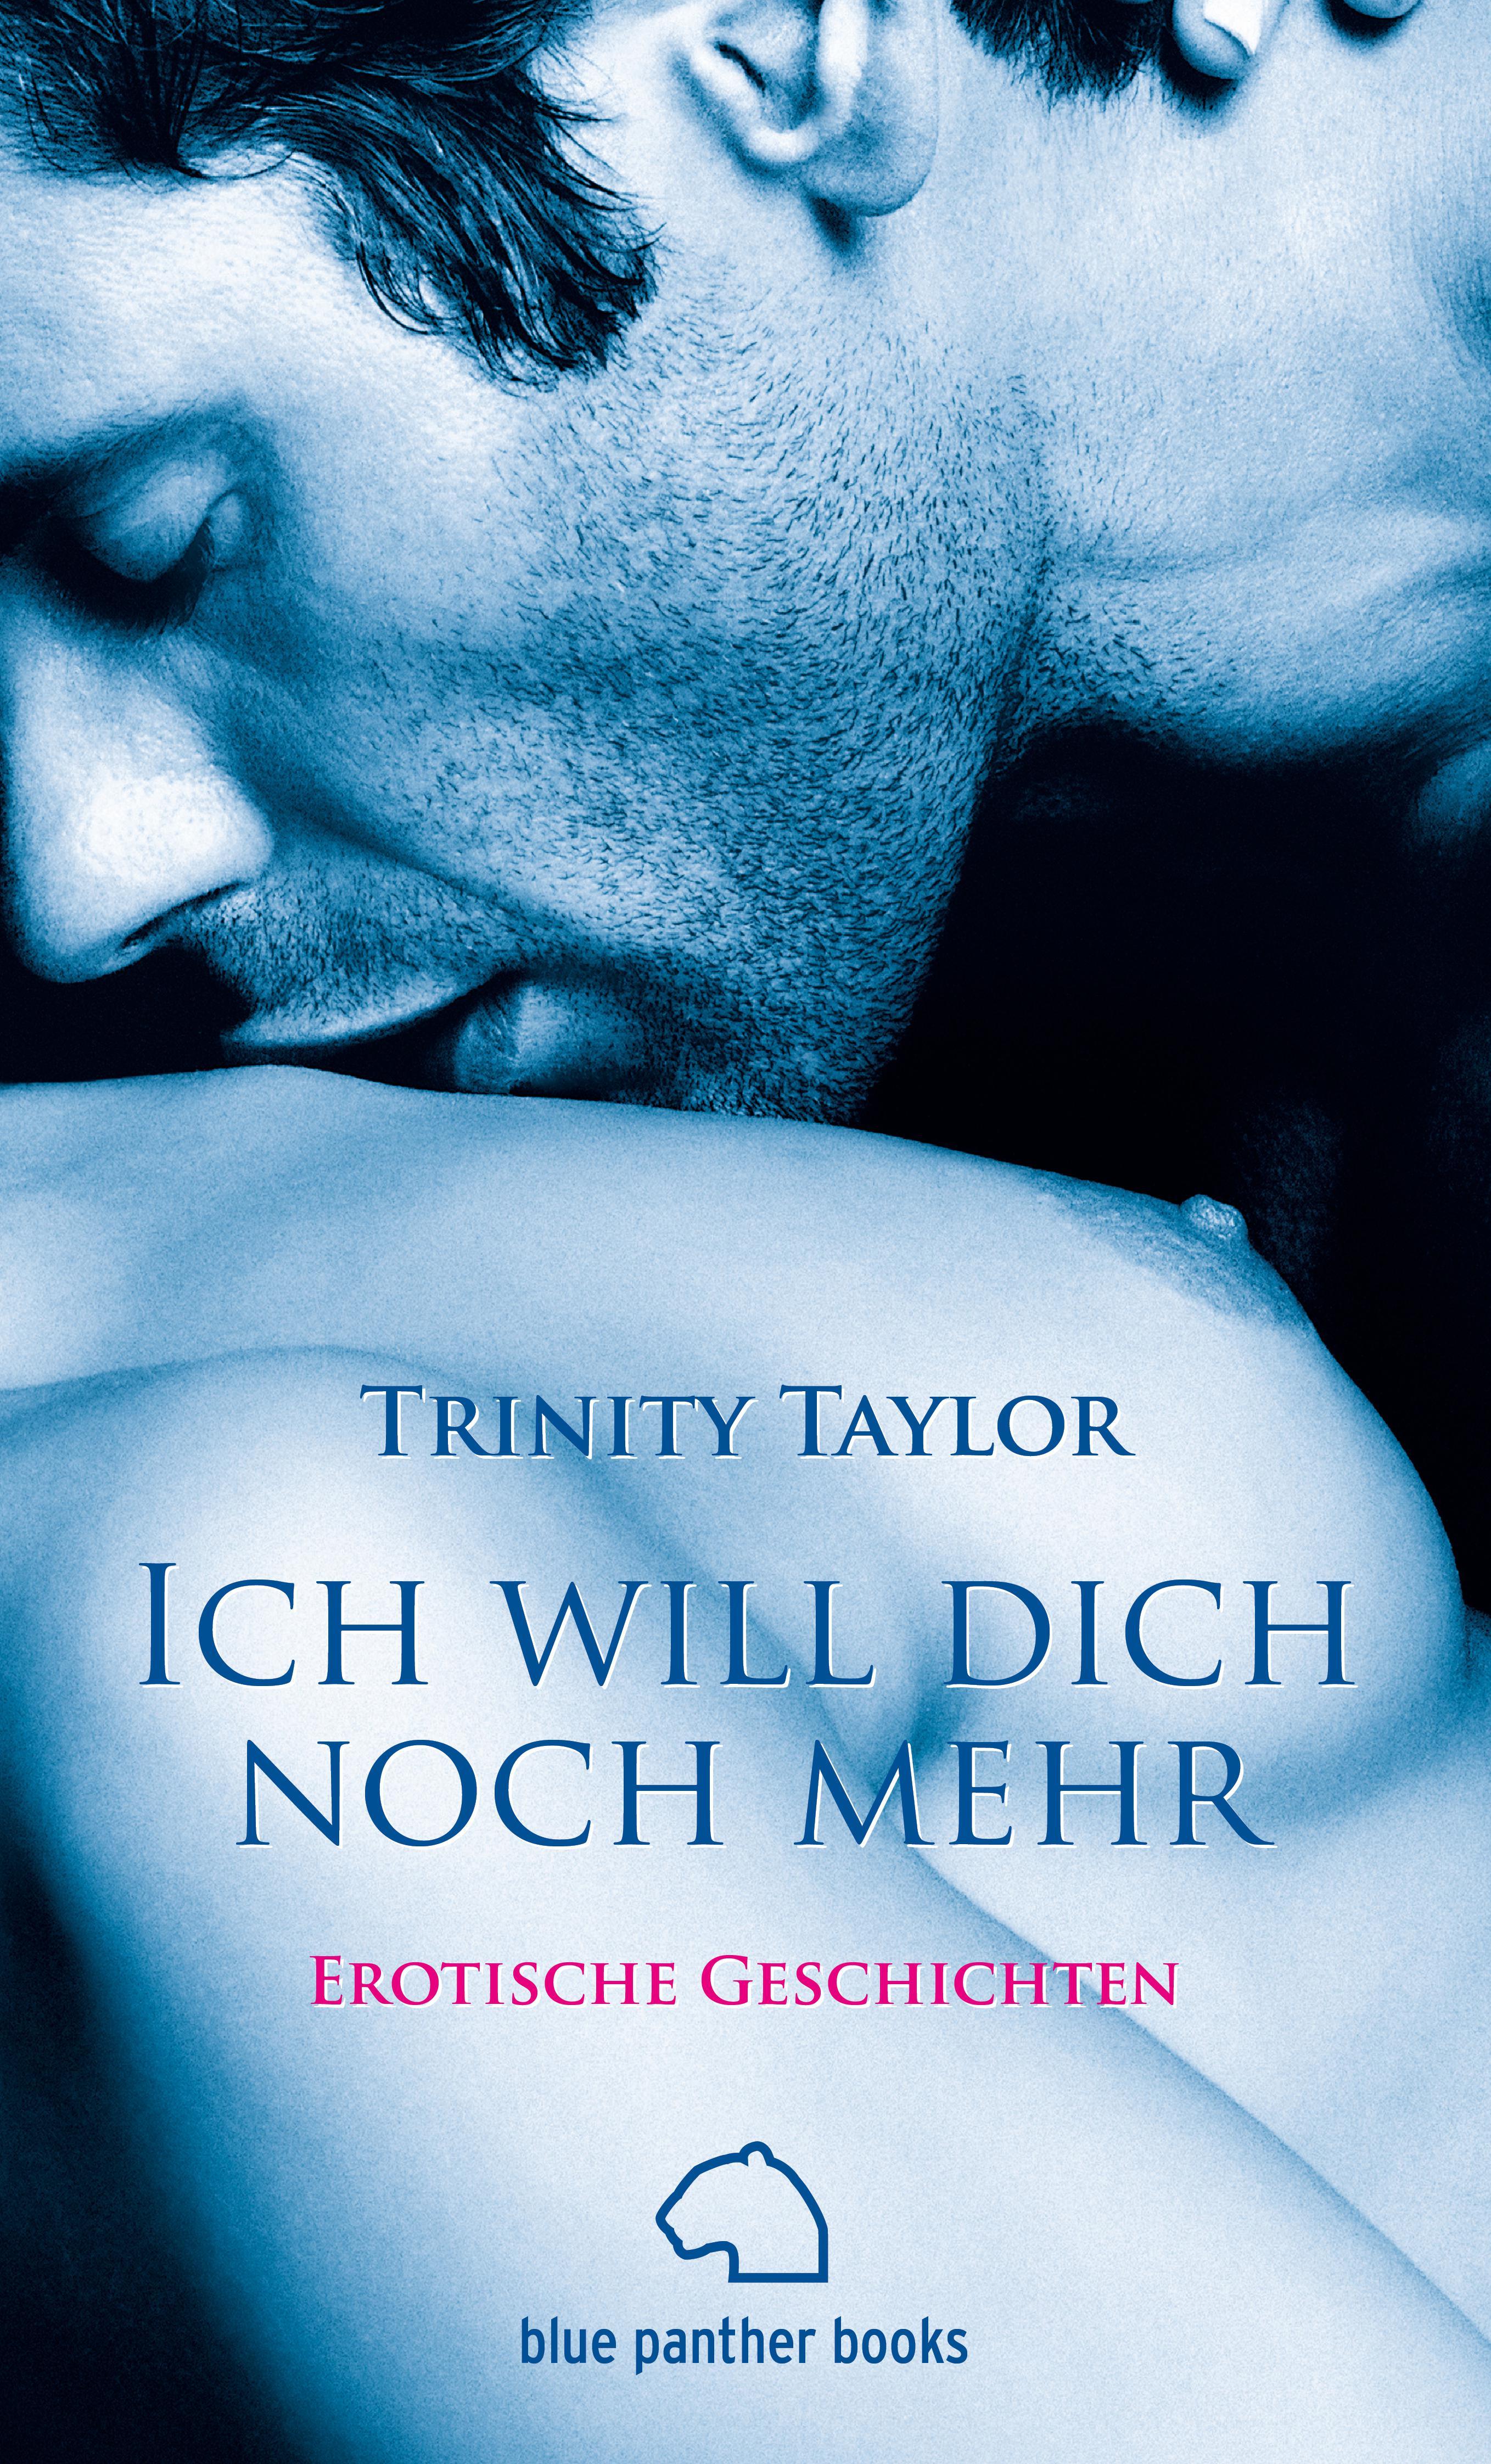 Trinity Taylor Ich will dich noch mehr   Erotische Geschichten stefan pfänder xml der internet standard zur elektronischen datenubertragung und seine betriebswirtschaftliche bedeutung im e commerce